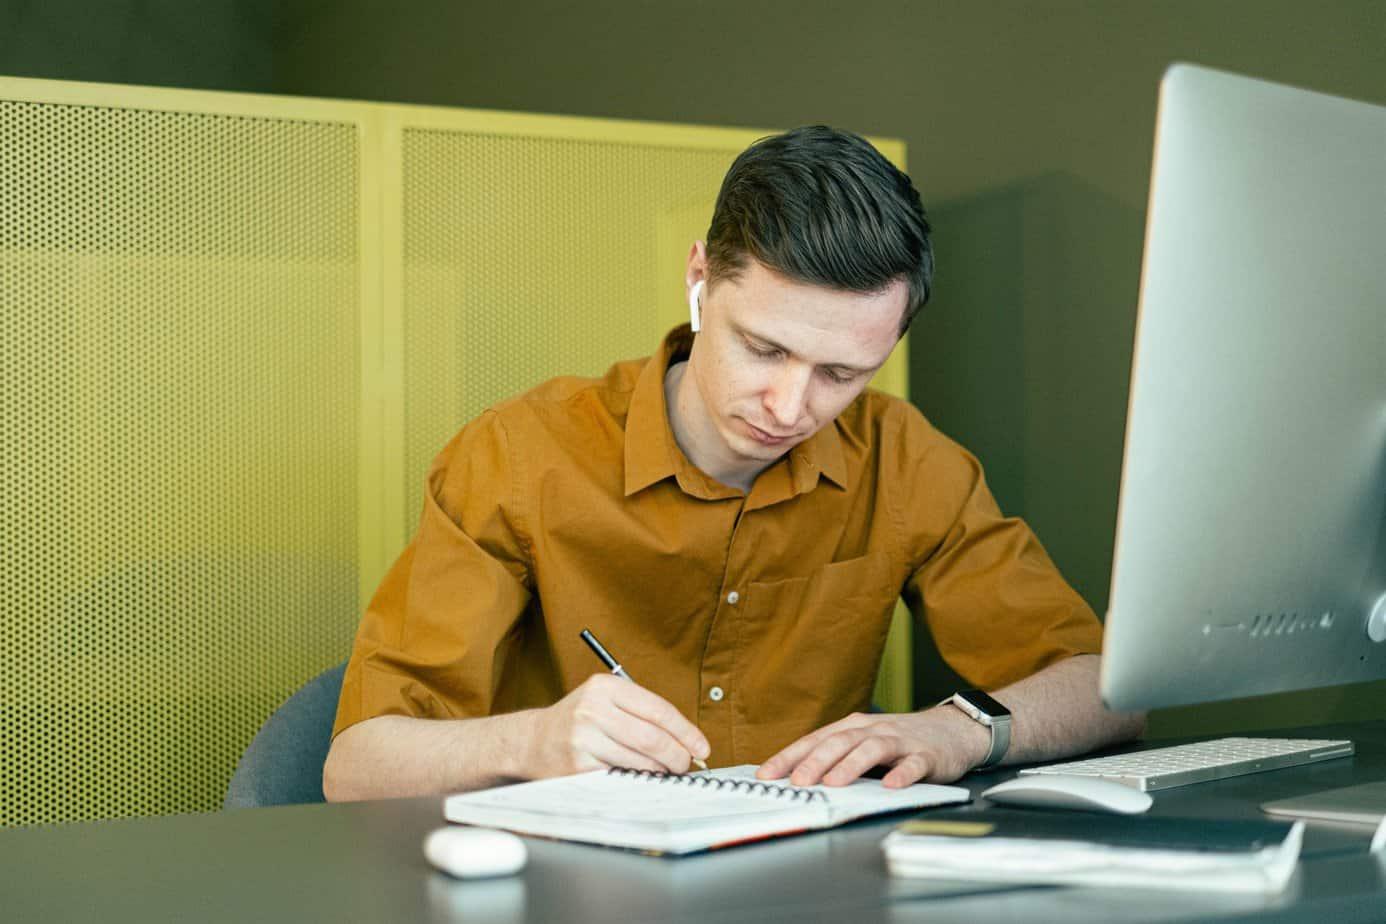 MKS Web Design - Taking notes and designing websites